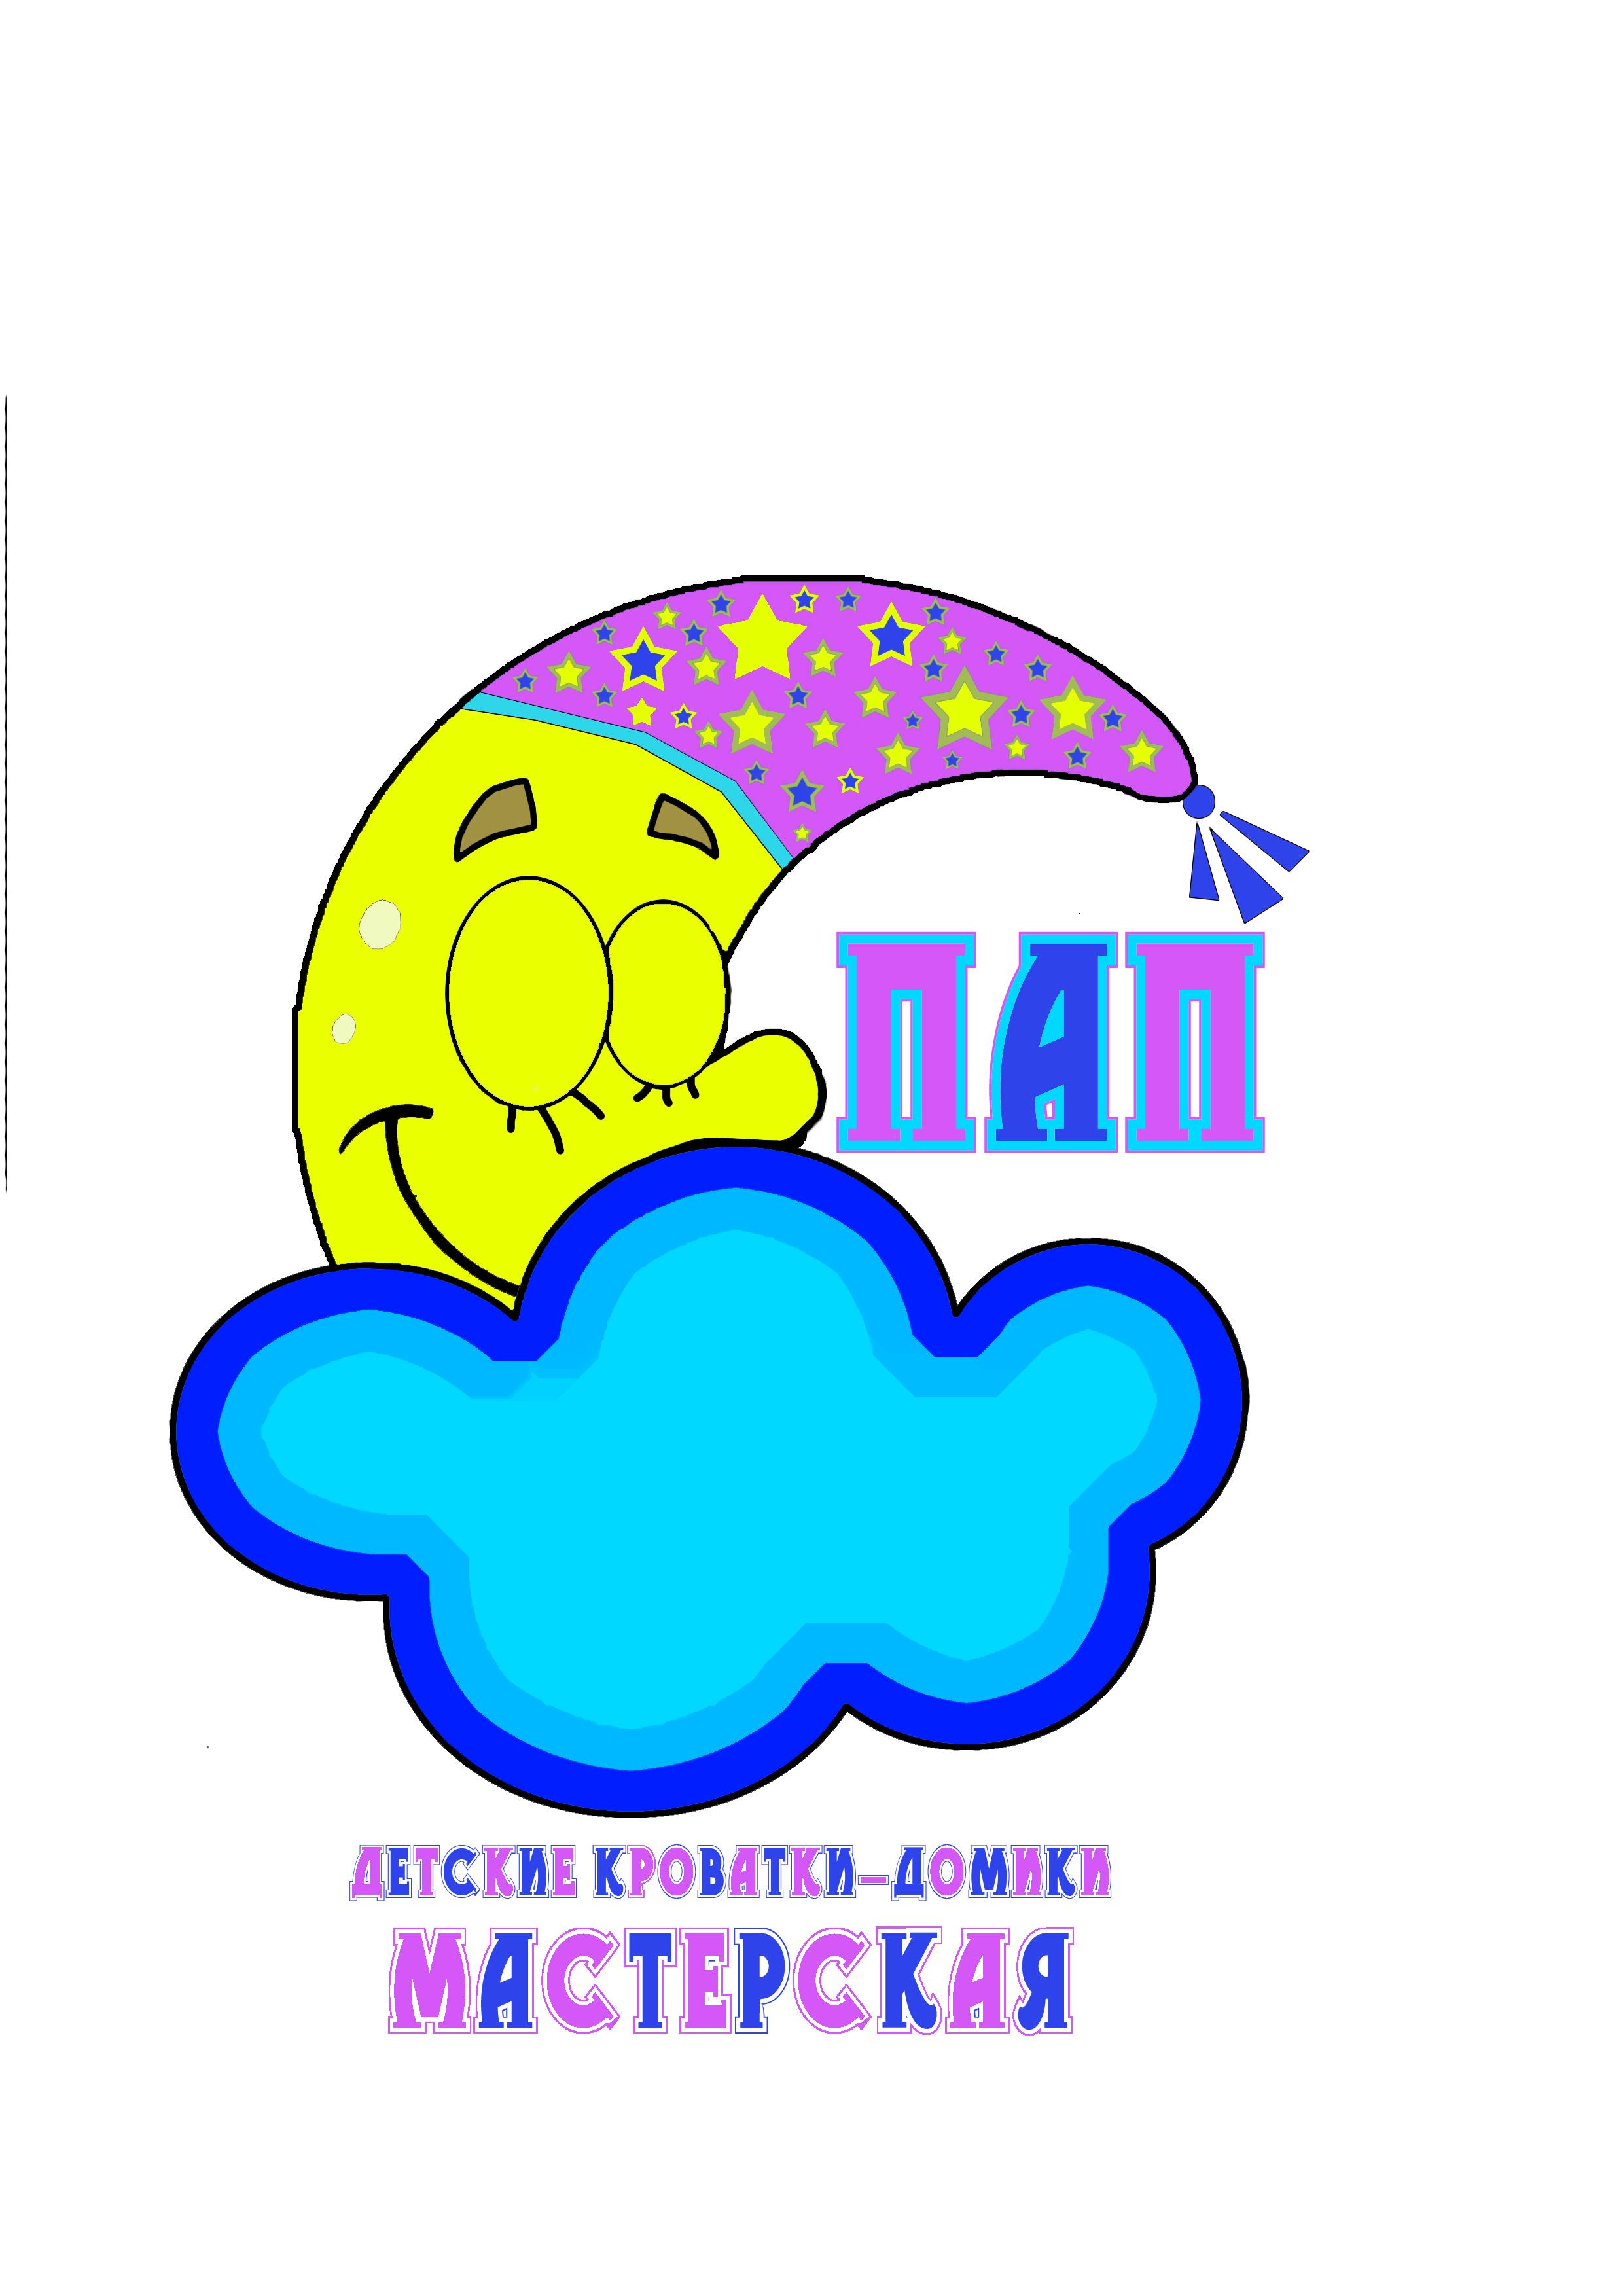 Разработка логотипа  фото f_0925aa6ccd5cd2c7.jpg